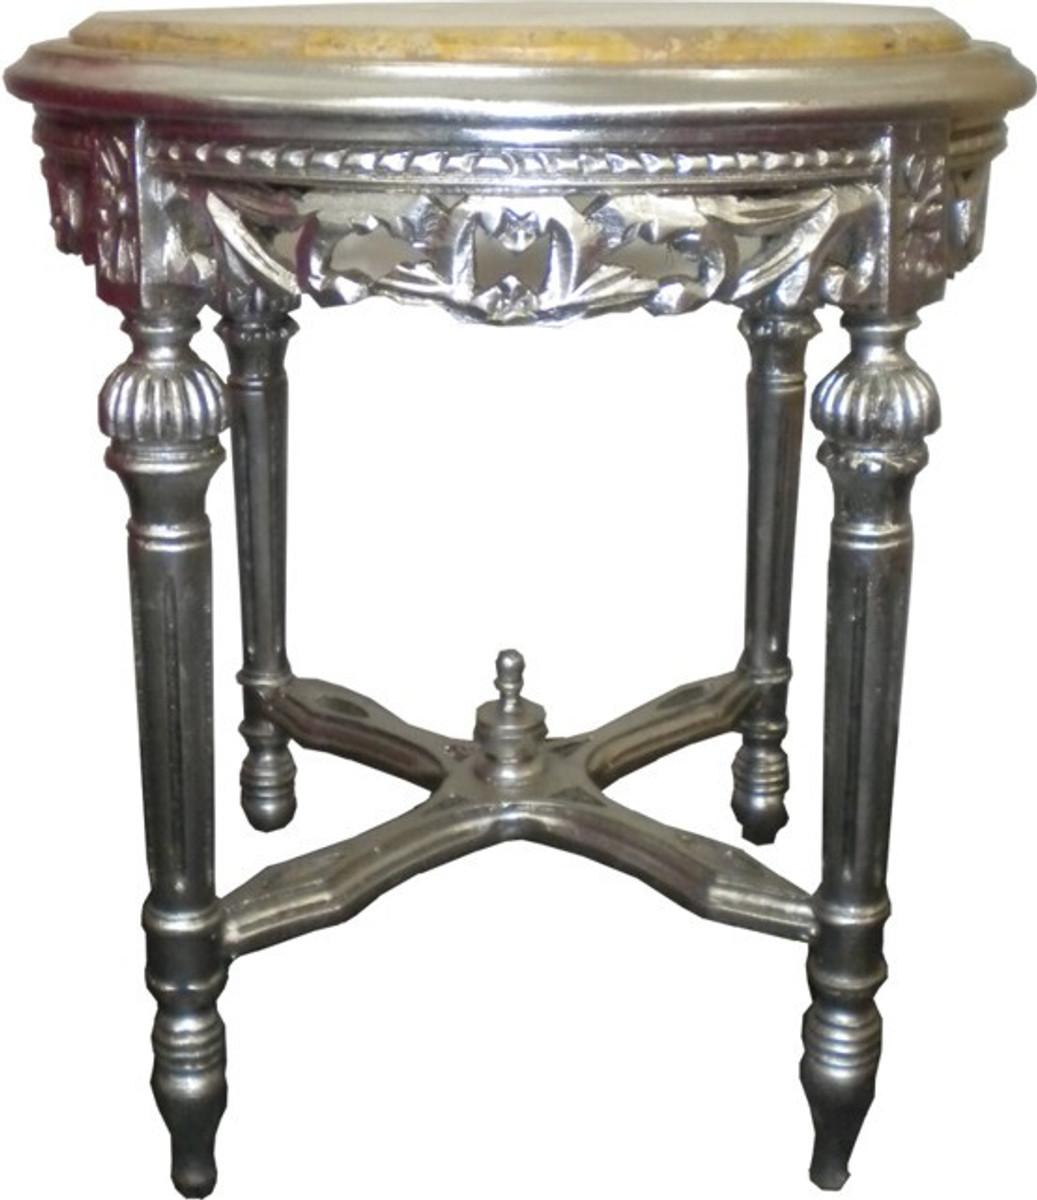 barock beistelltisch silber rund 53 x 47 cm beistelltische barock beistelltische. Black Bedroom Furniture Sets. Home Design Ideas